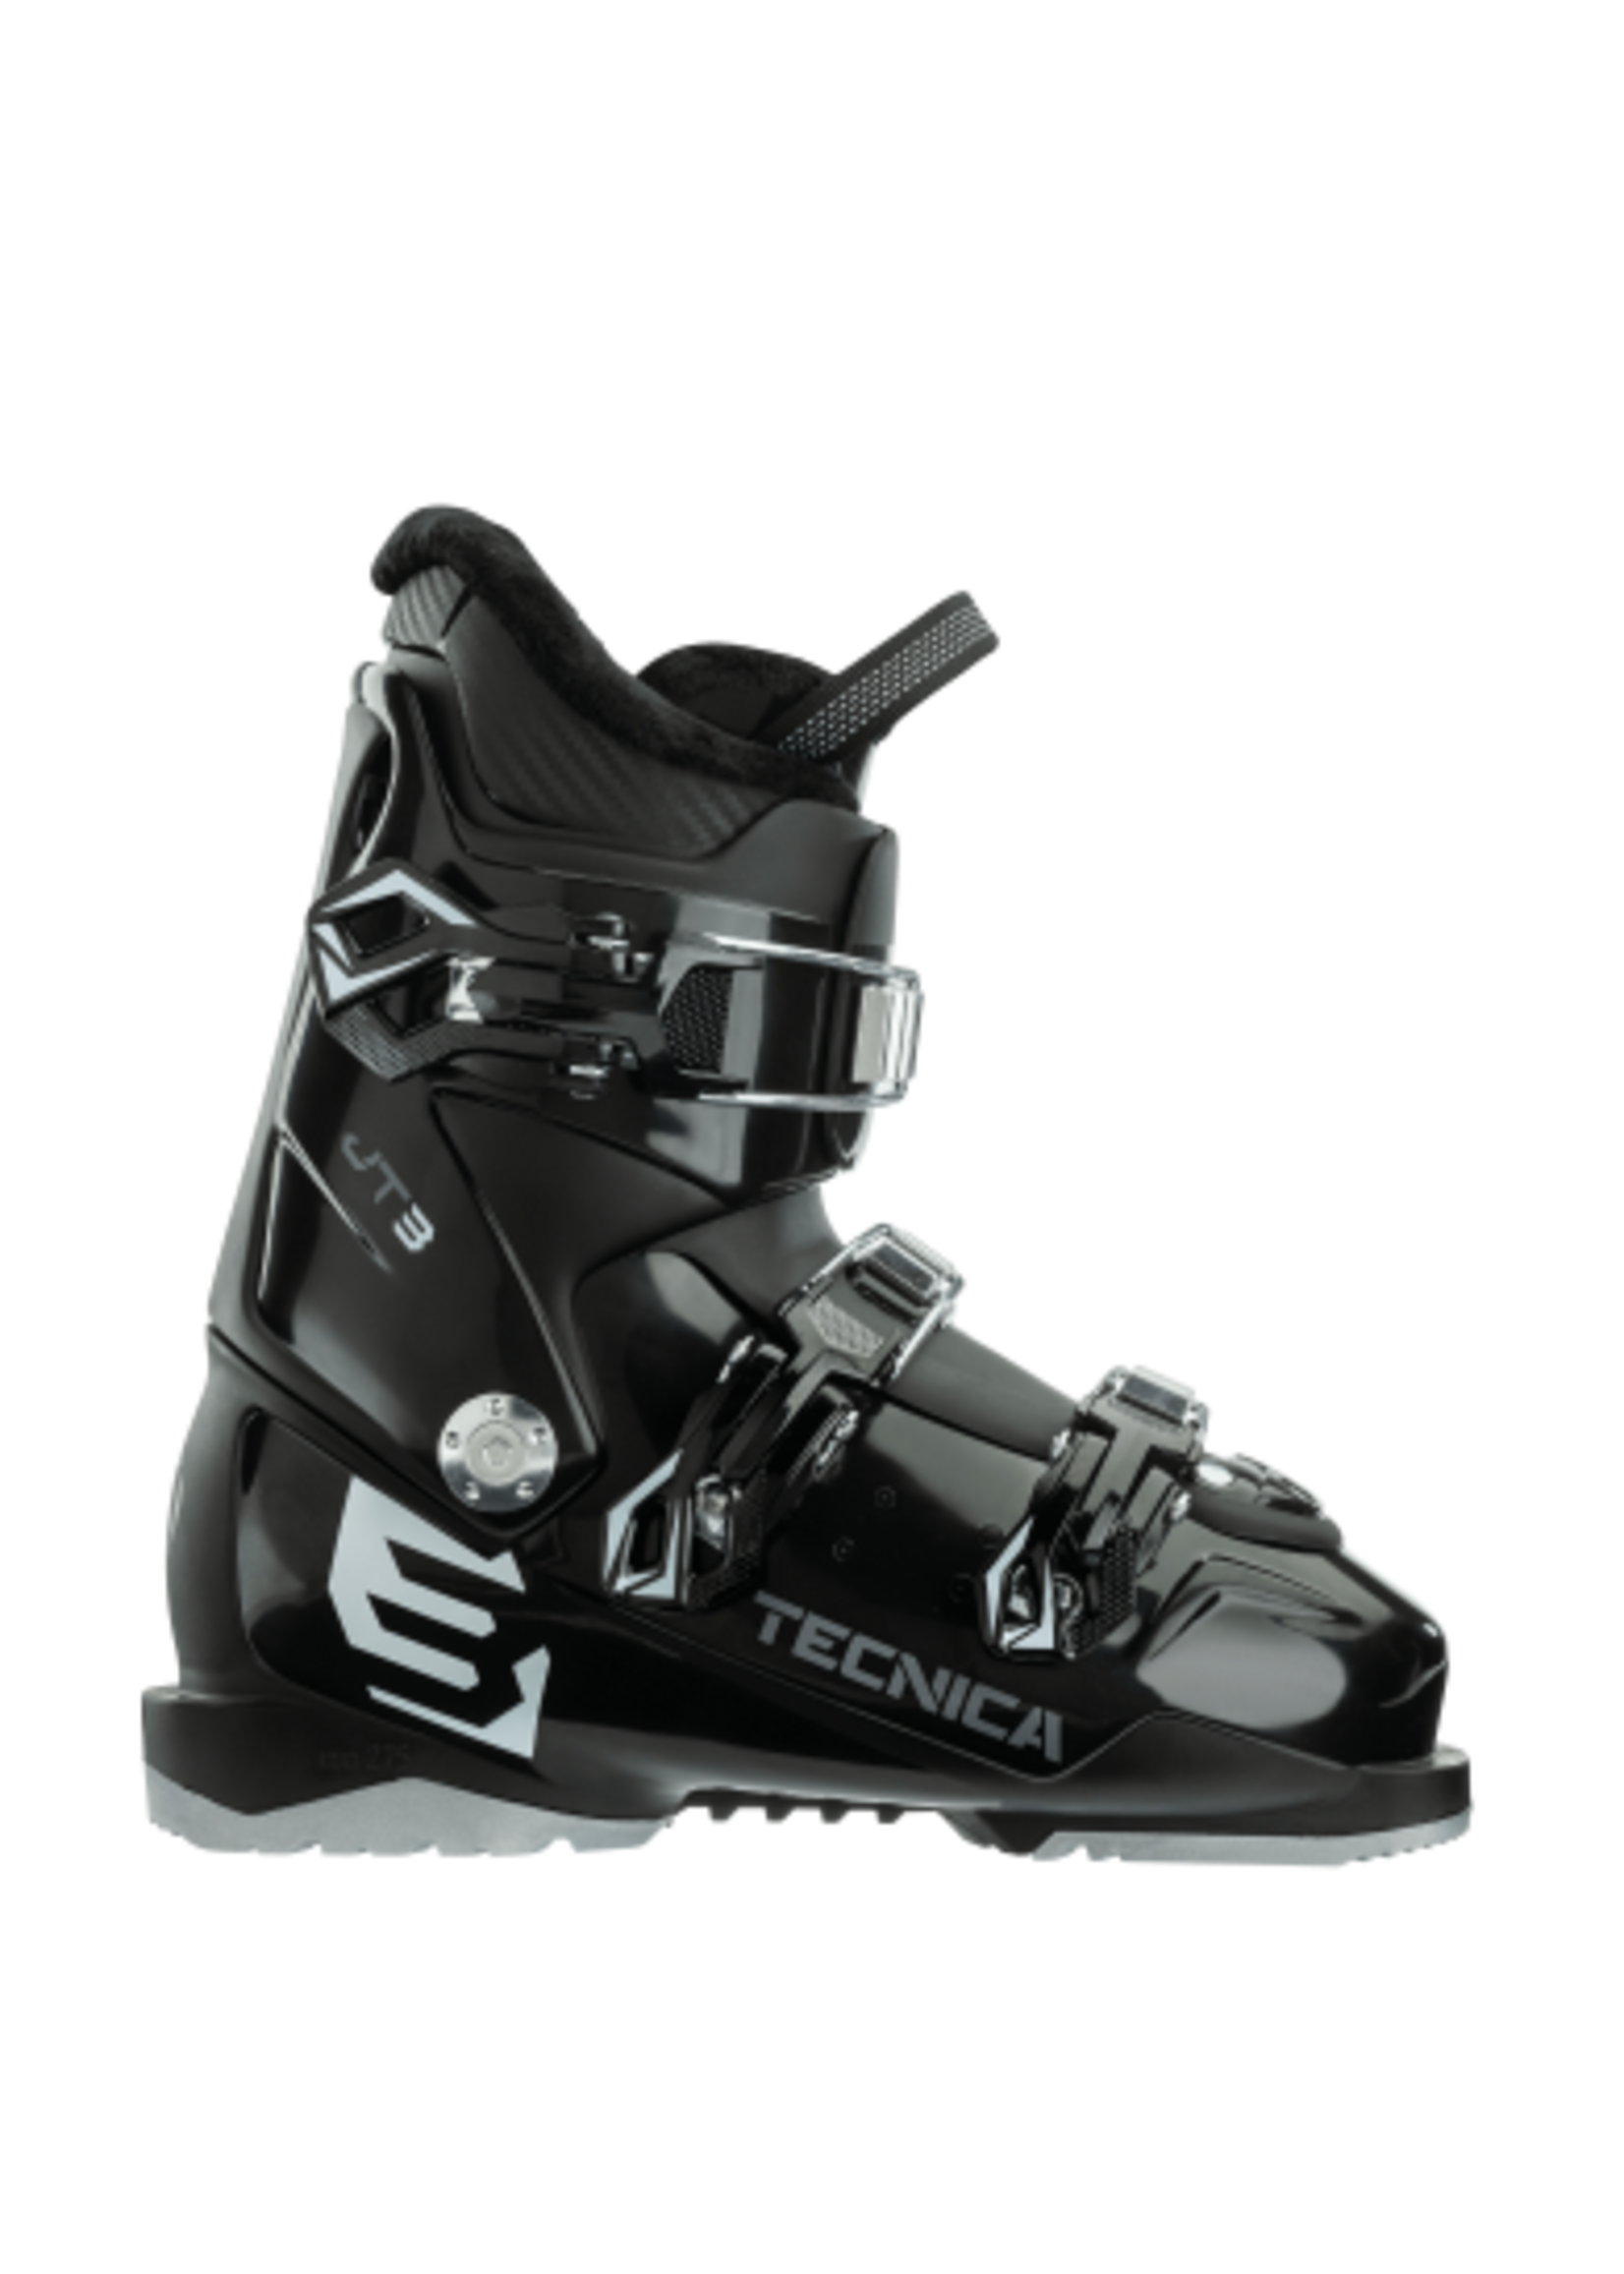 Tecnica Tecnica JT 3 Jr. Boot 21/22